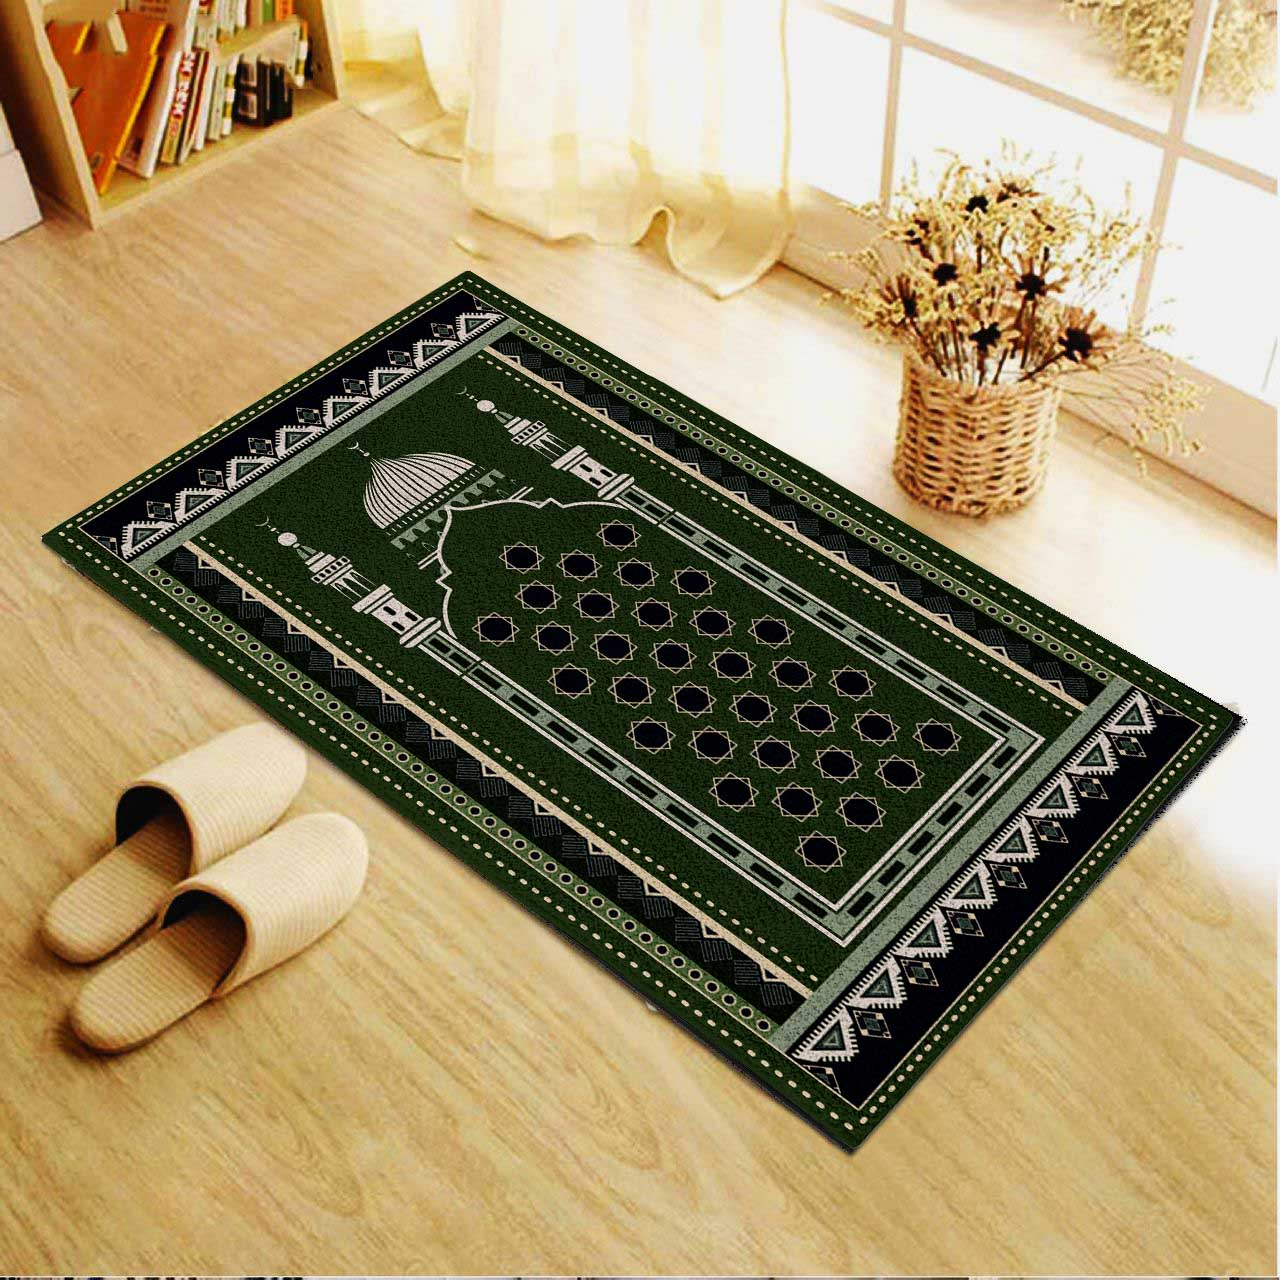 Prayer Mat Muslim, Prayer Mat, Prayer Rug, Prayer Mat Muslim For Kids, Prayer Mat Muslim Salat Musallah Rug Turkish